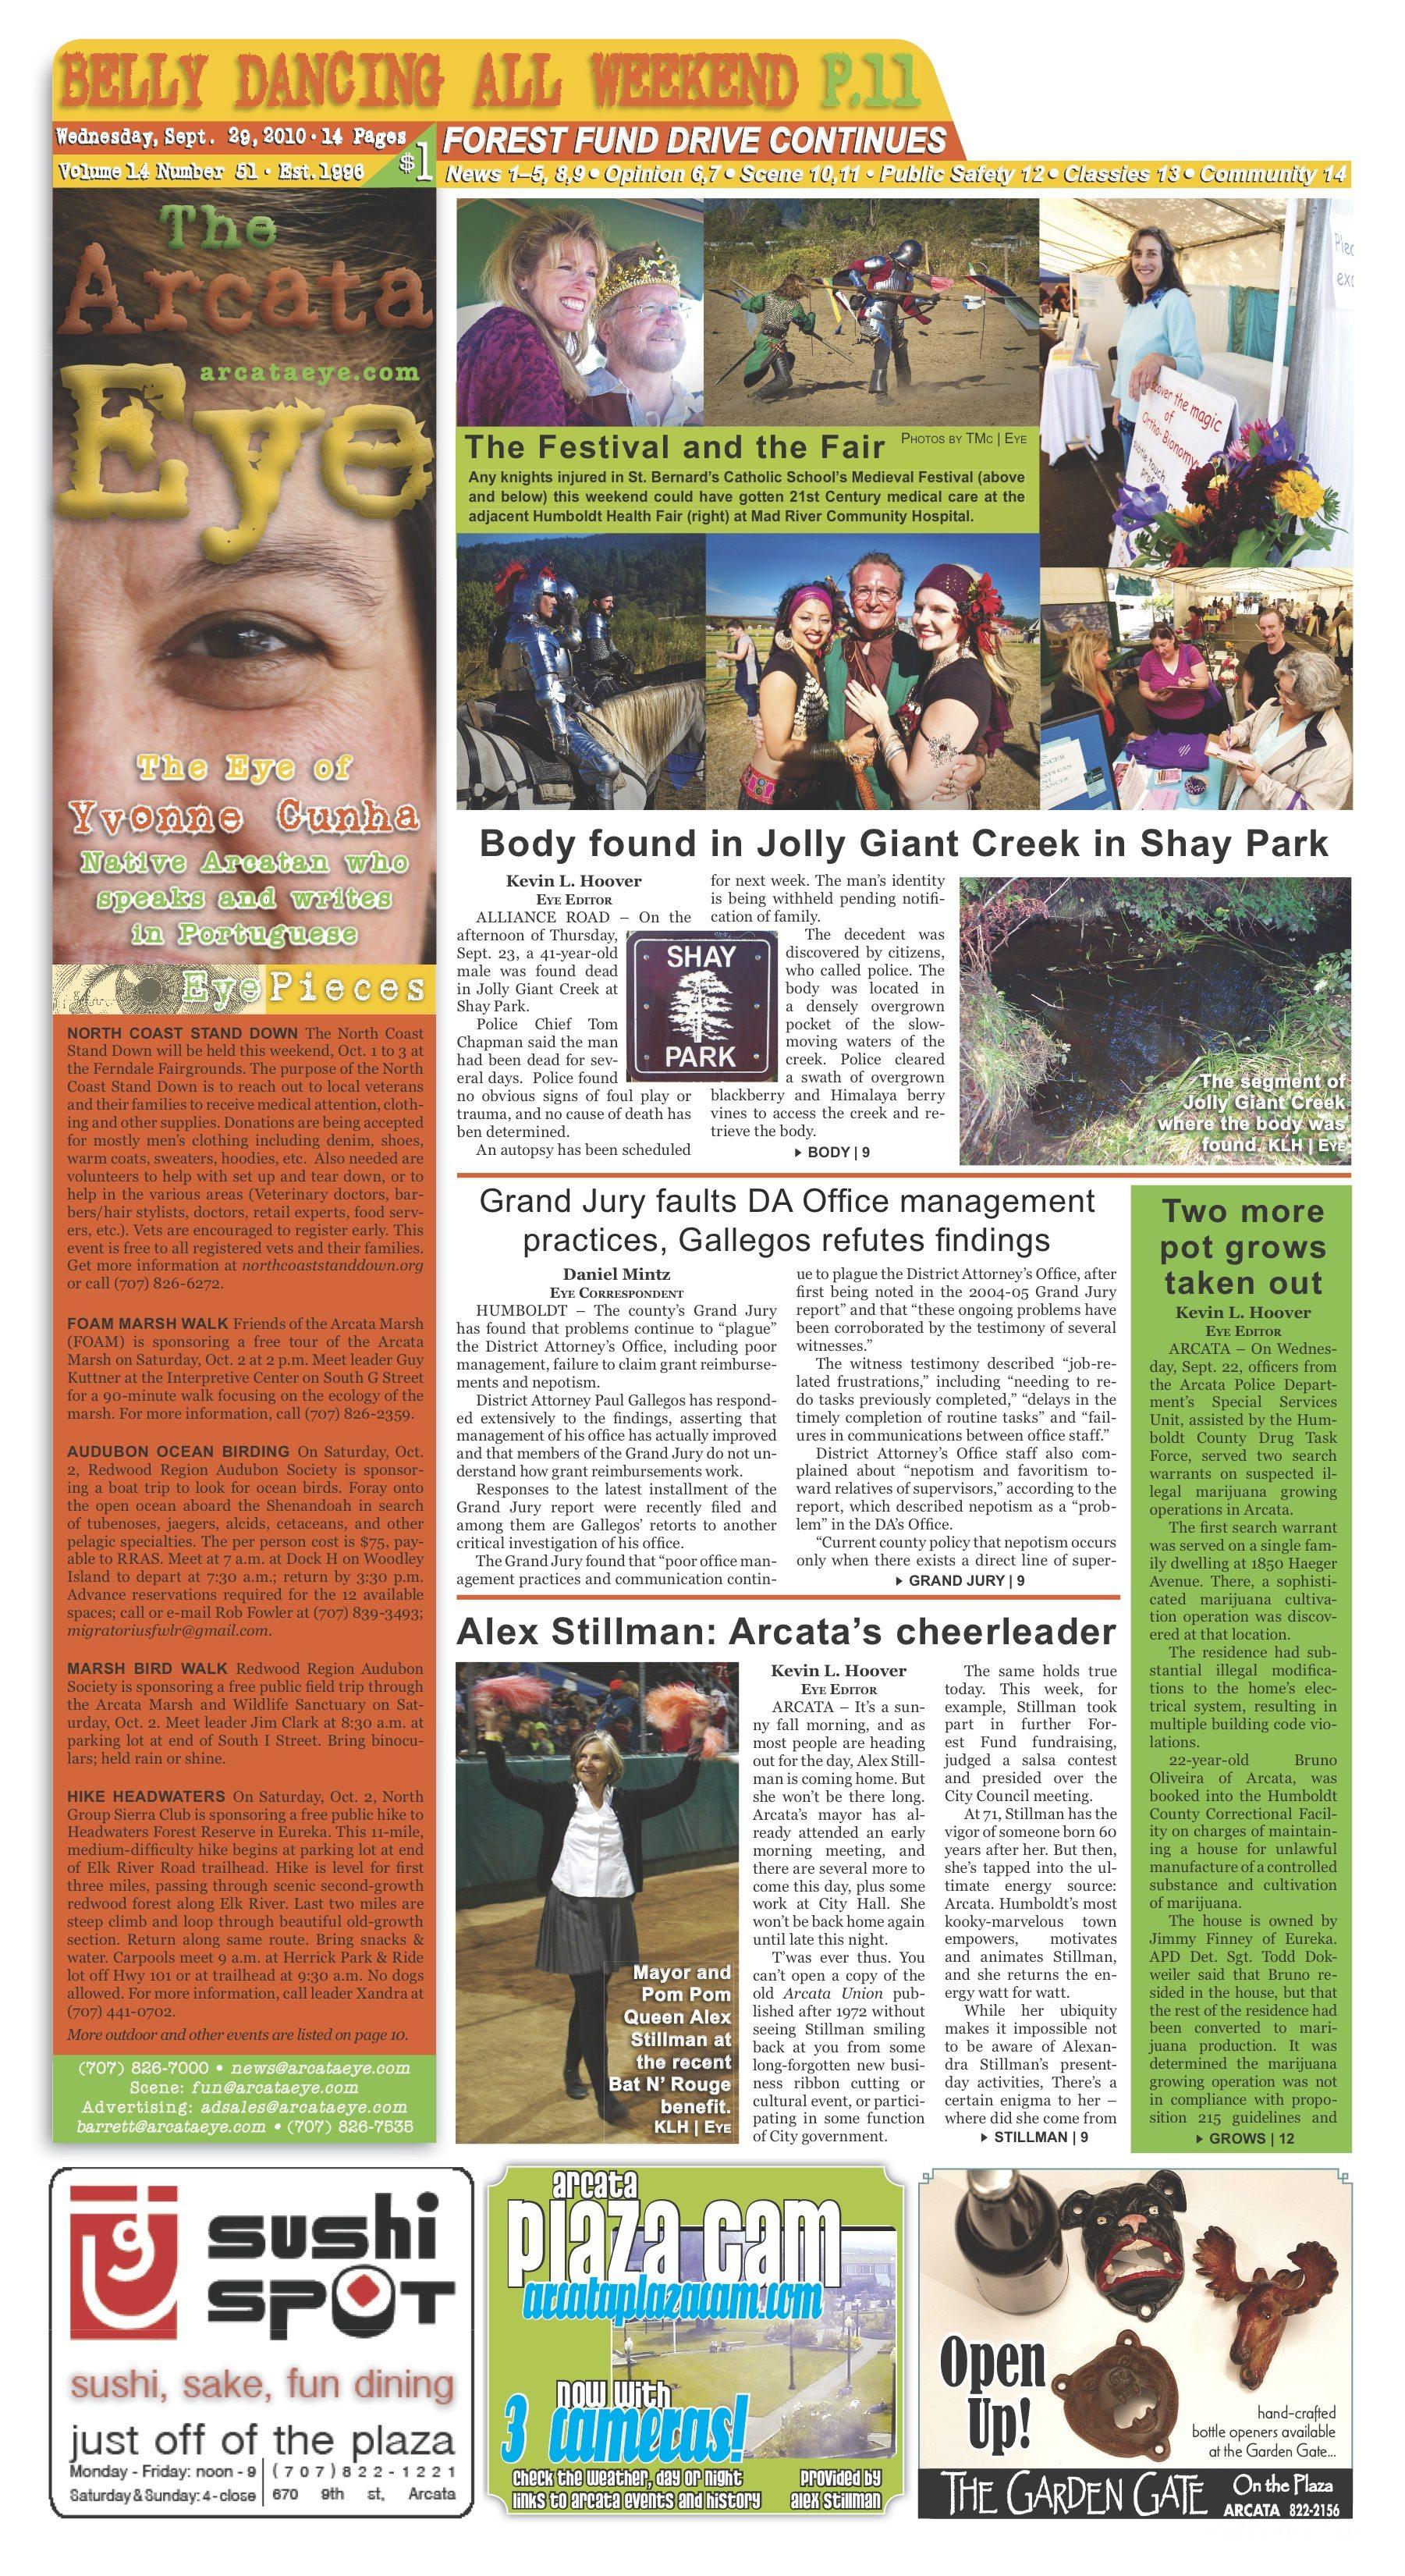 copy_2_frontpage